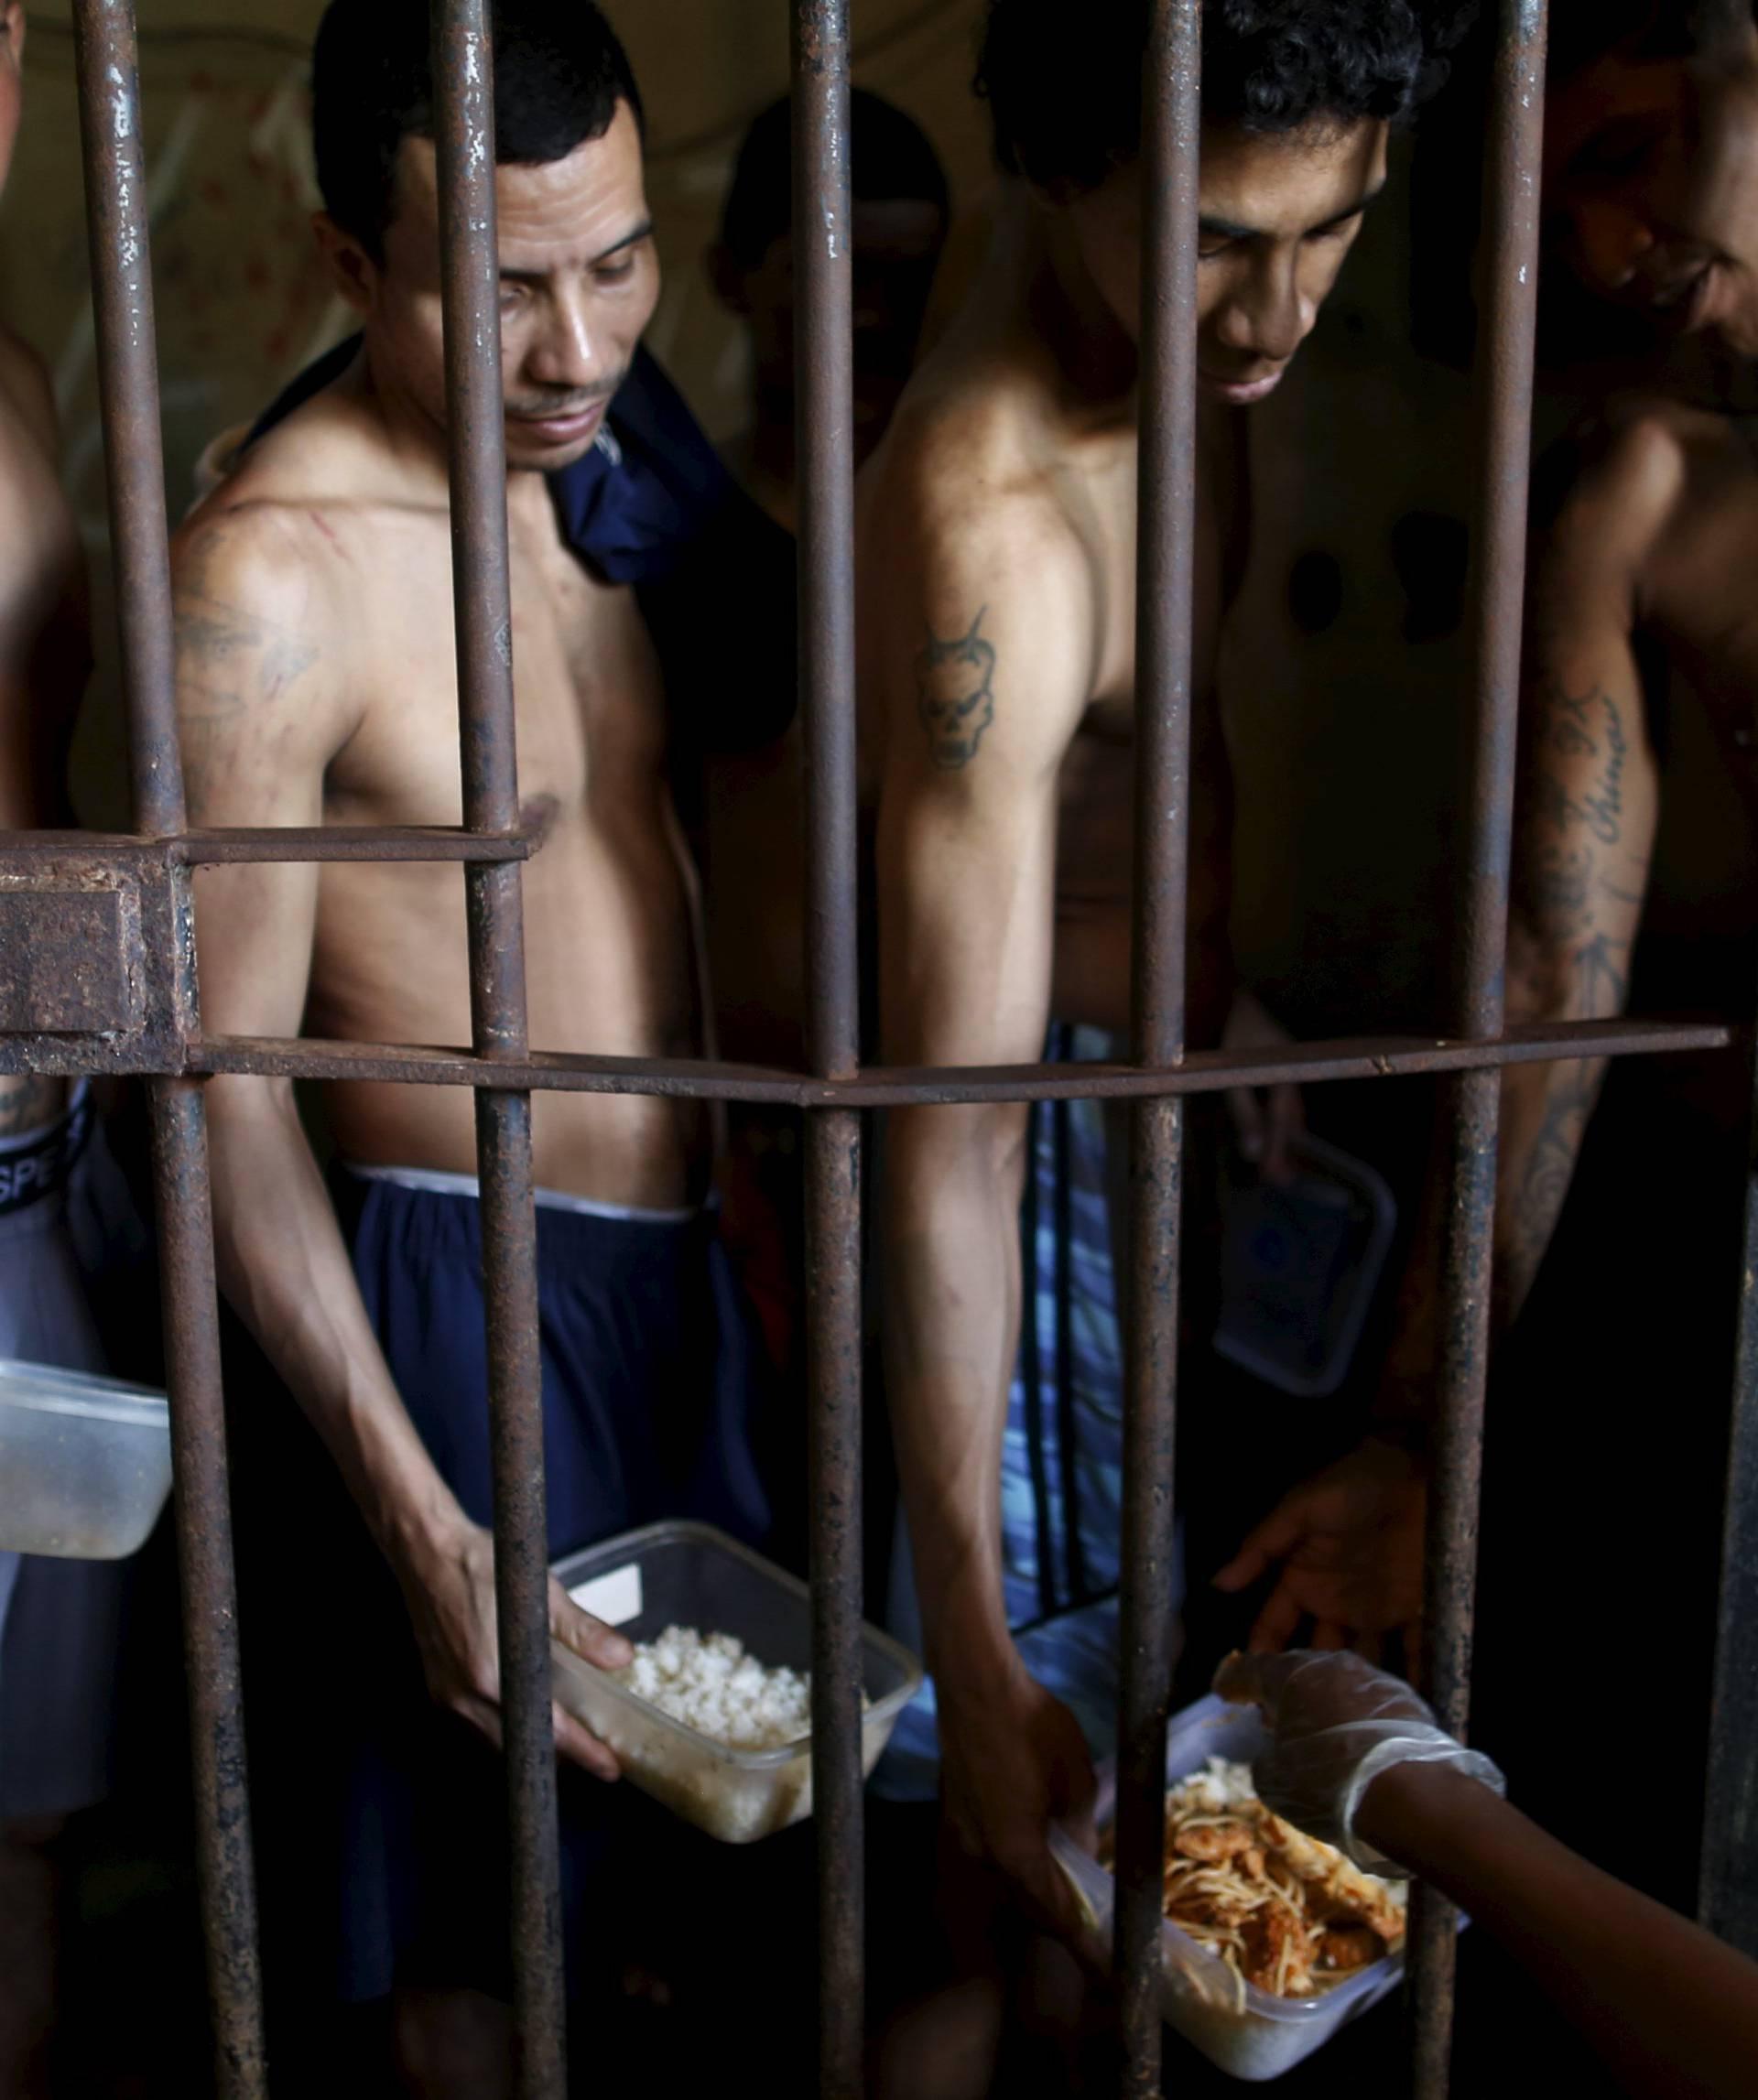 Kriminalce godinama drže u zatvoru iako im nije suđeno